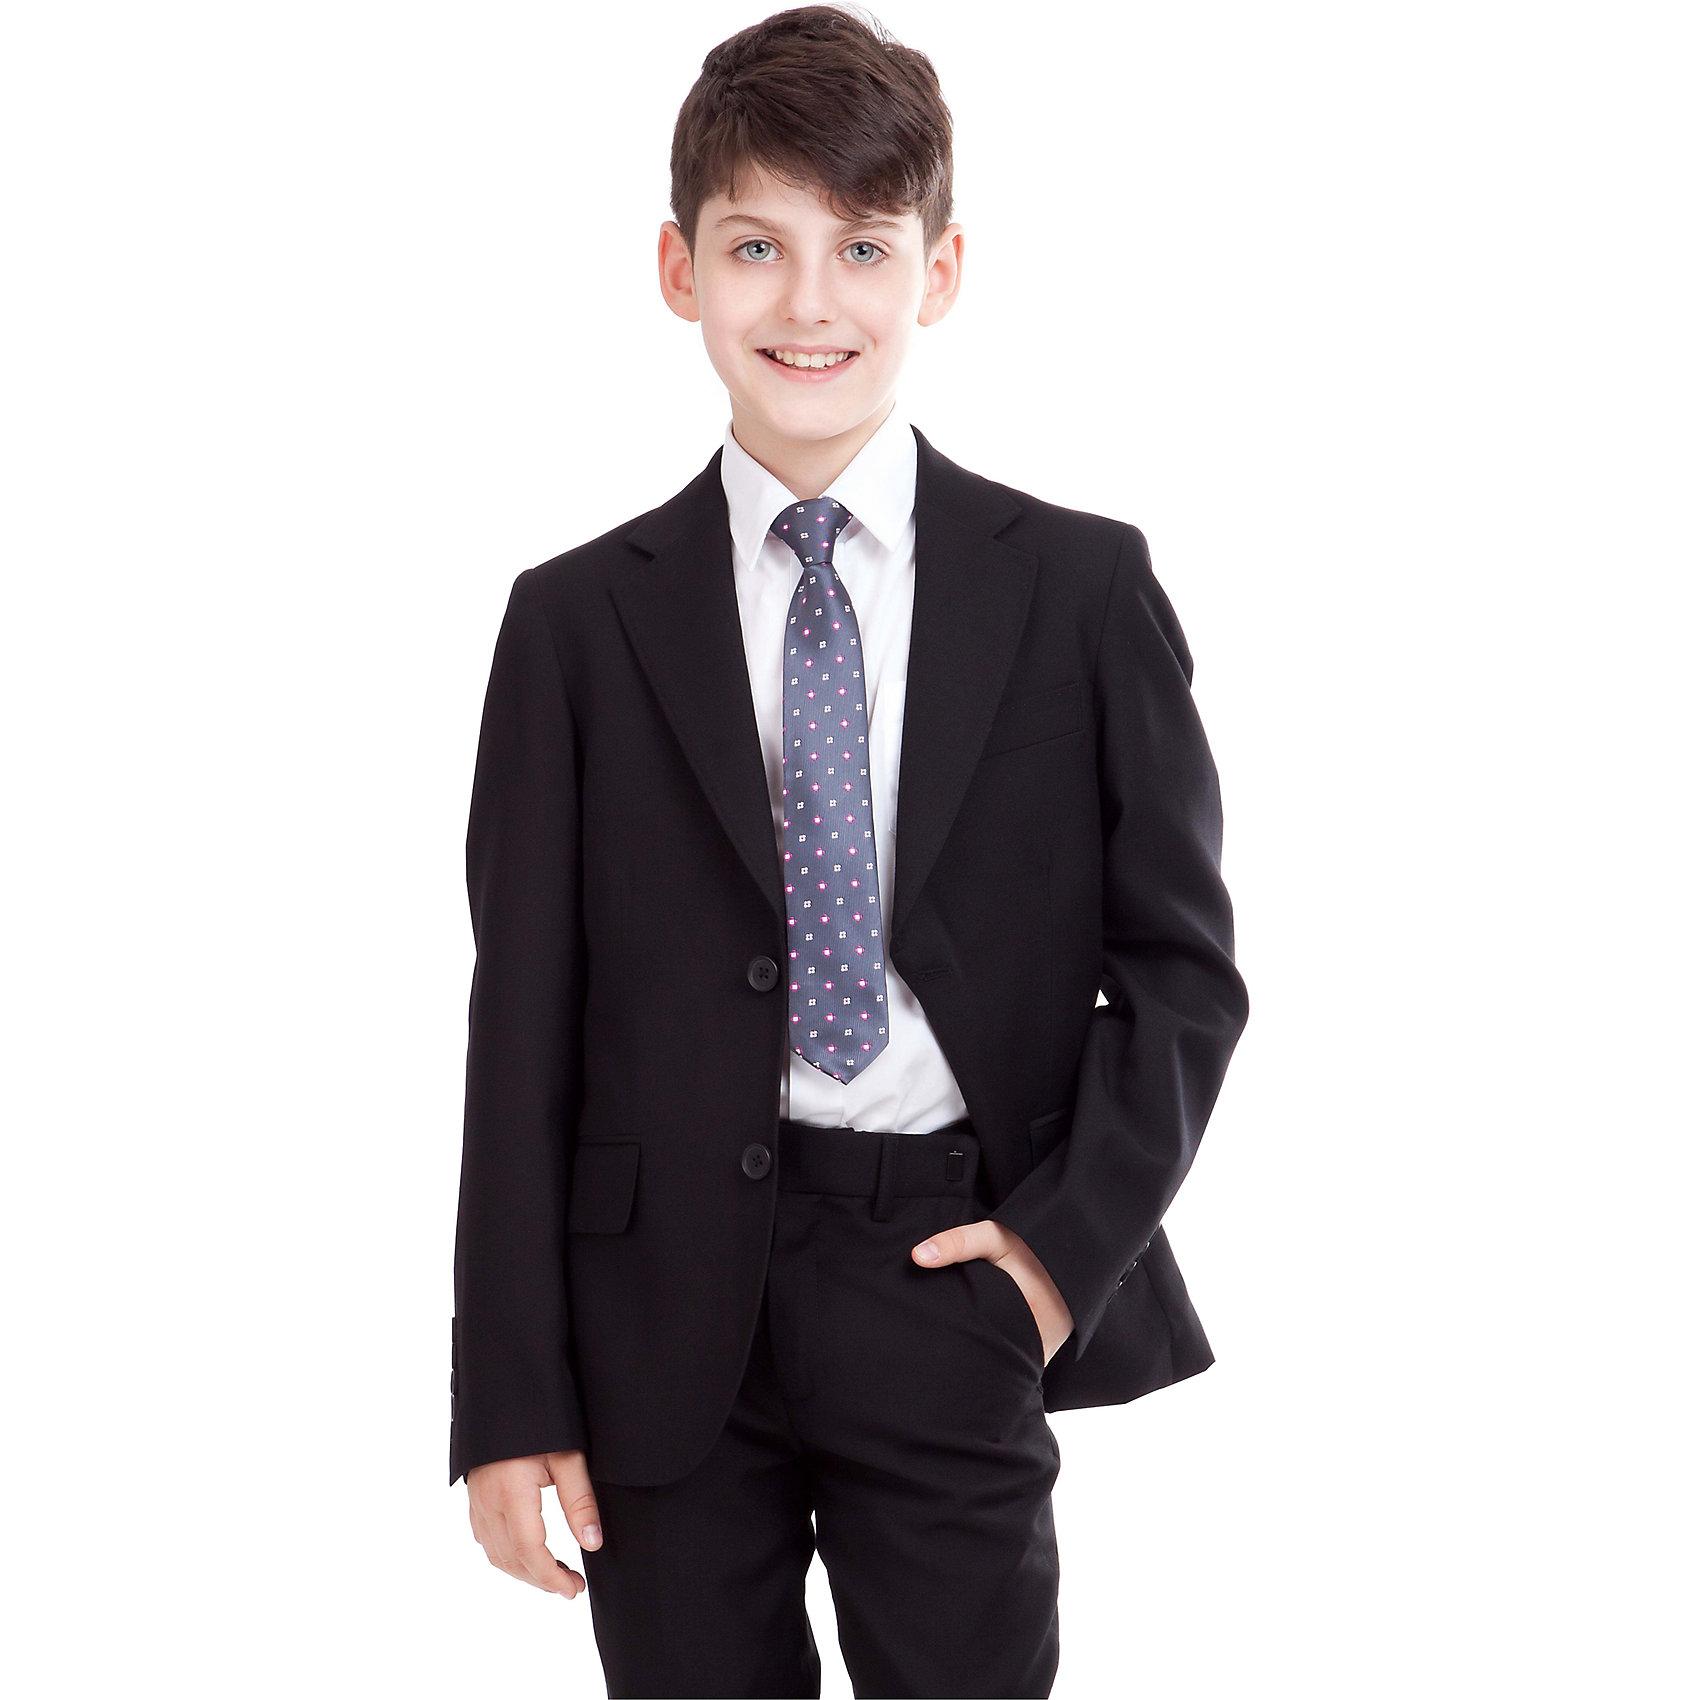 Пиджак для мальчика GulliverПиджаки и костюмы<br>Пиджак для мальчика от российского бренда Gulliver.<br>Замечательный черный пиджак  выполняет функцию главного делового атрибута школьника. Он уместен для ежедневного использования и незаменим для торжественных мероприятий. Великолепный состав и качество ткани сделает длительное пребывание в пиджаке приятным и комфортным. Весьма изящно выглядит орнаментальная подкладка пиджака.<br>Состав:<br>тк. верха: 65% полиэстер,  25% вискоза, 10% шерсть подкл.: 100% полиэстер<br><br>Ширина мм: 356<br>Глубина мм: 10<br>Высота мм: 245<br>Вес г: 519<br>Цвет: черный<br>Возраст от месяцев: 72<br>Возраст до месяцев: 84<br>Пол: Мужской<br>Возраст: Детский<br>Размер: 122,128,134,158,152,146,140<br>SKU: 4174616